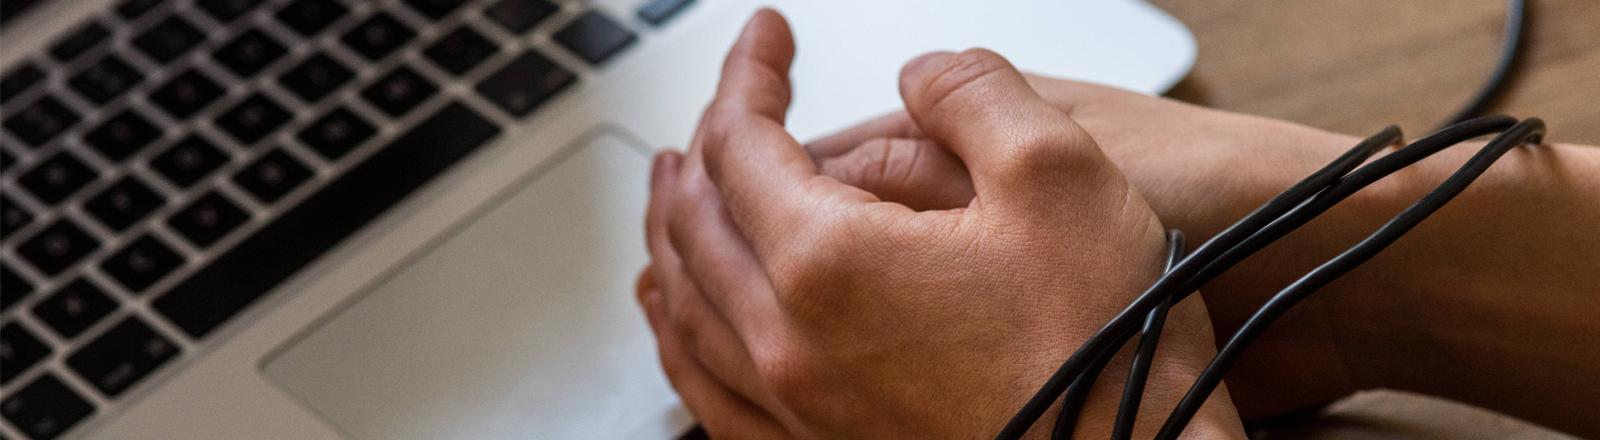 Durch das Kabel einer Computermaus gefesselte Hände vor einer Tastatur